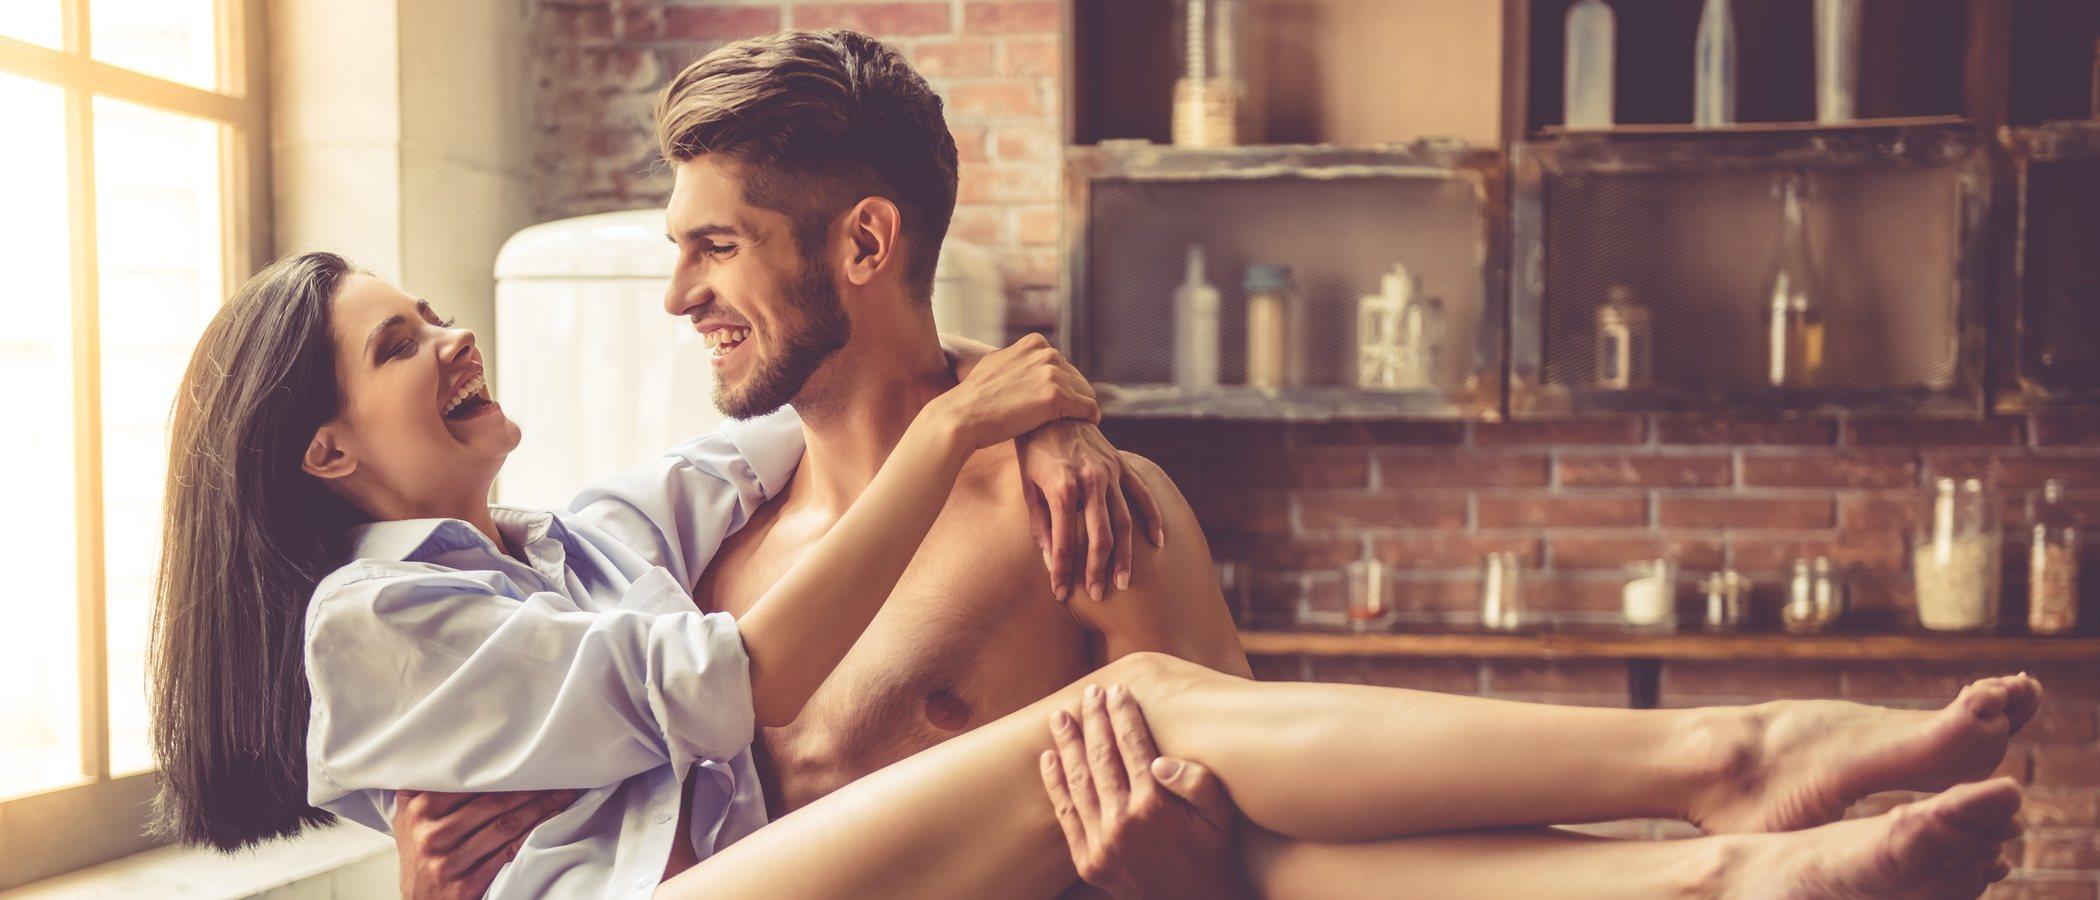 Horóscopo sexual enero 2019: Acuario